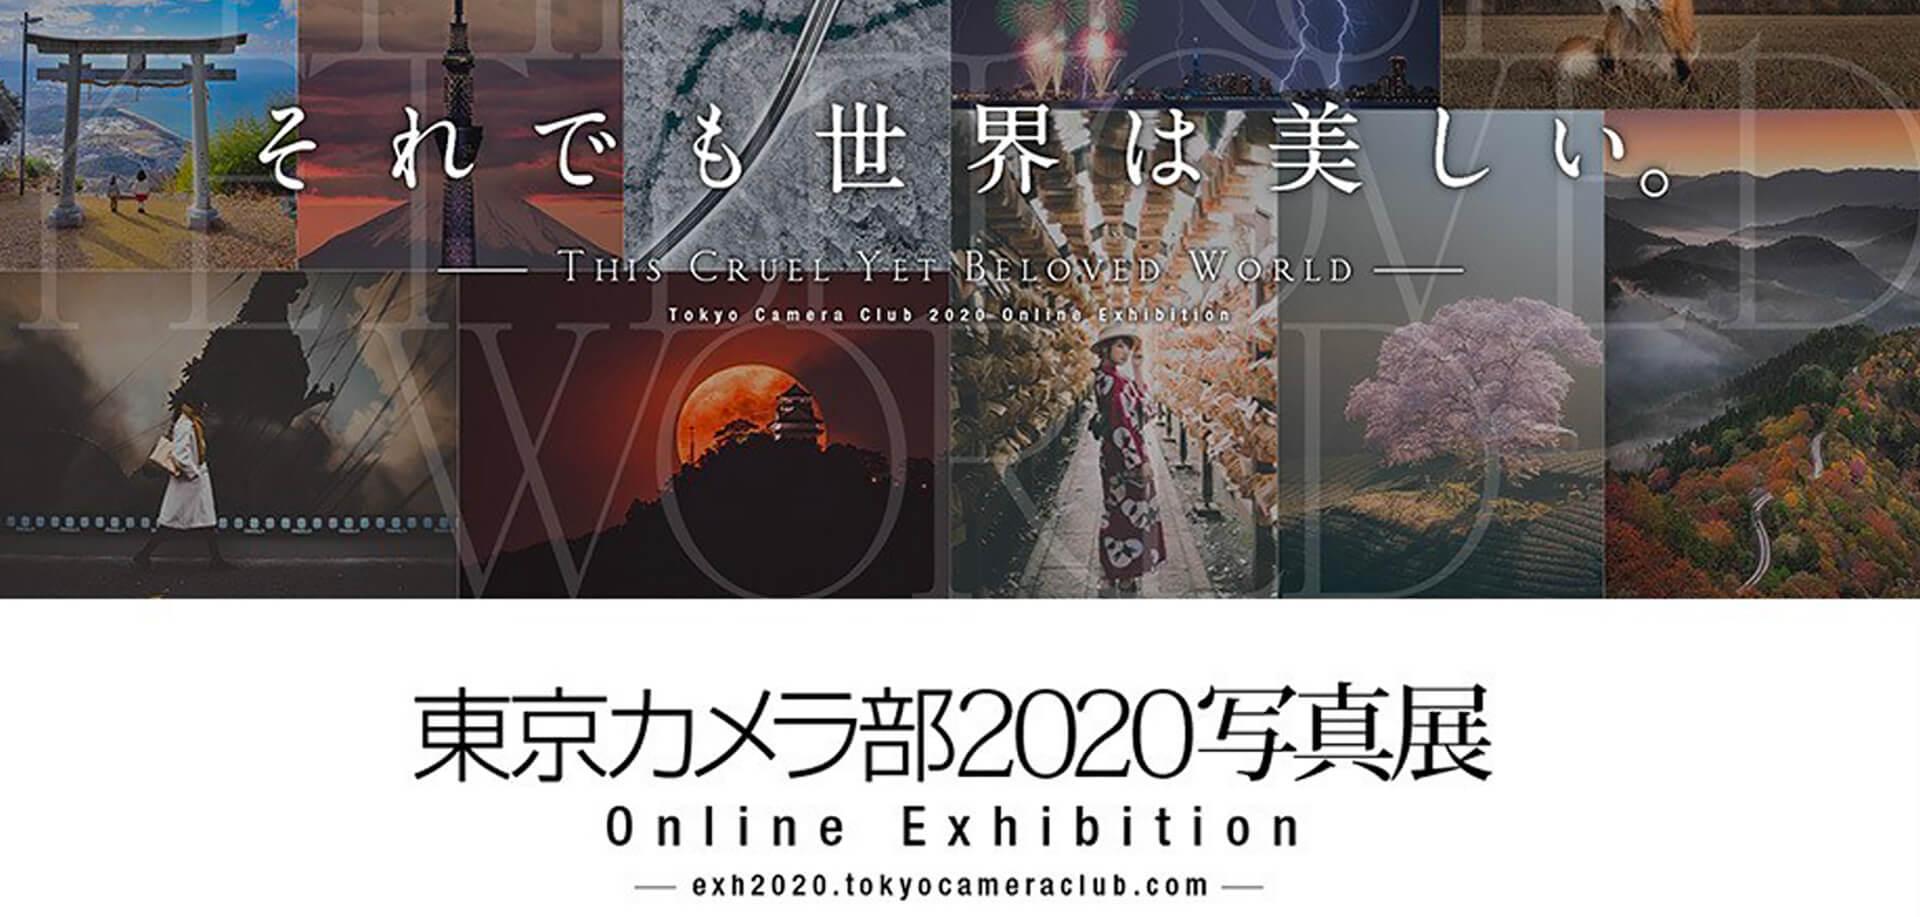 東京カメラ部2020写真展 Online Exhibition